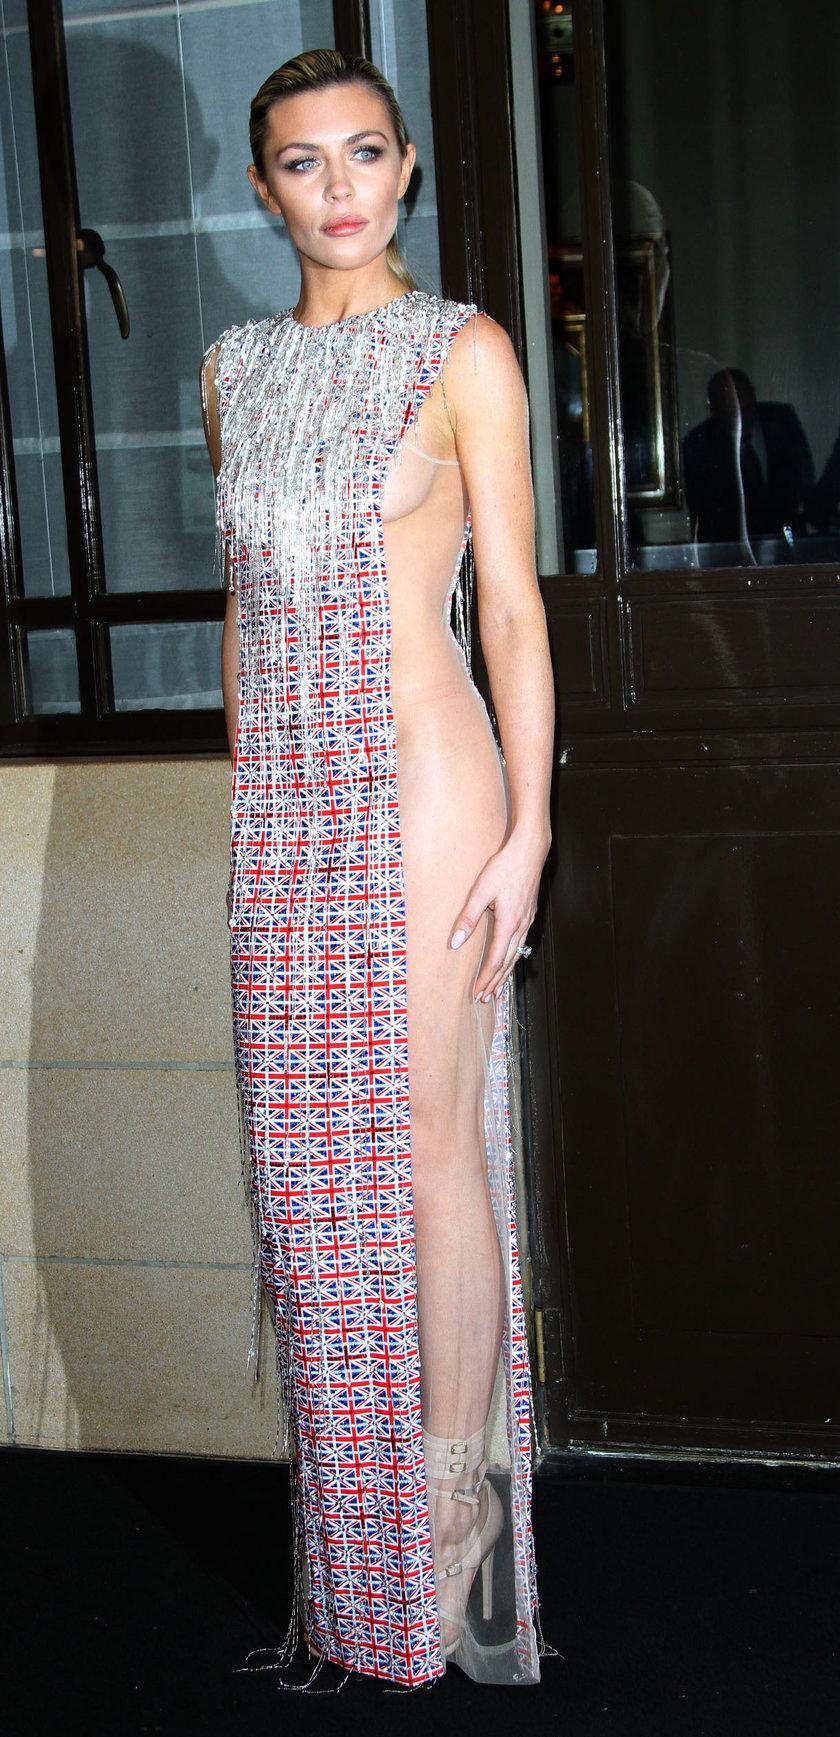 Kusa stylizacja Abbey odsłoniła jej ciało. Modelka może pochwlaić się piękną sylwetką